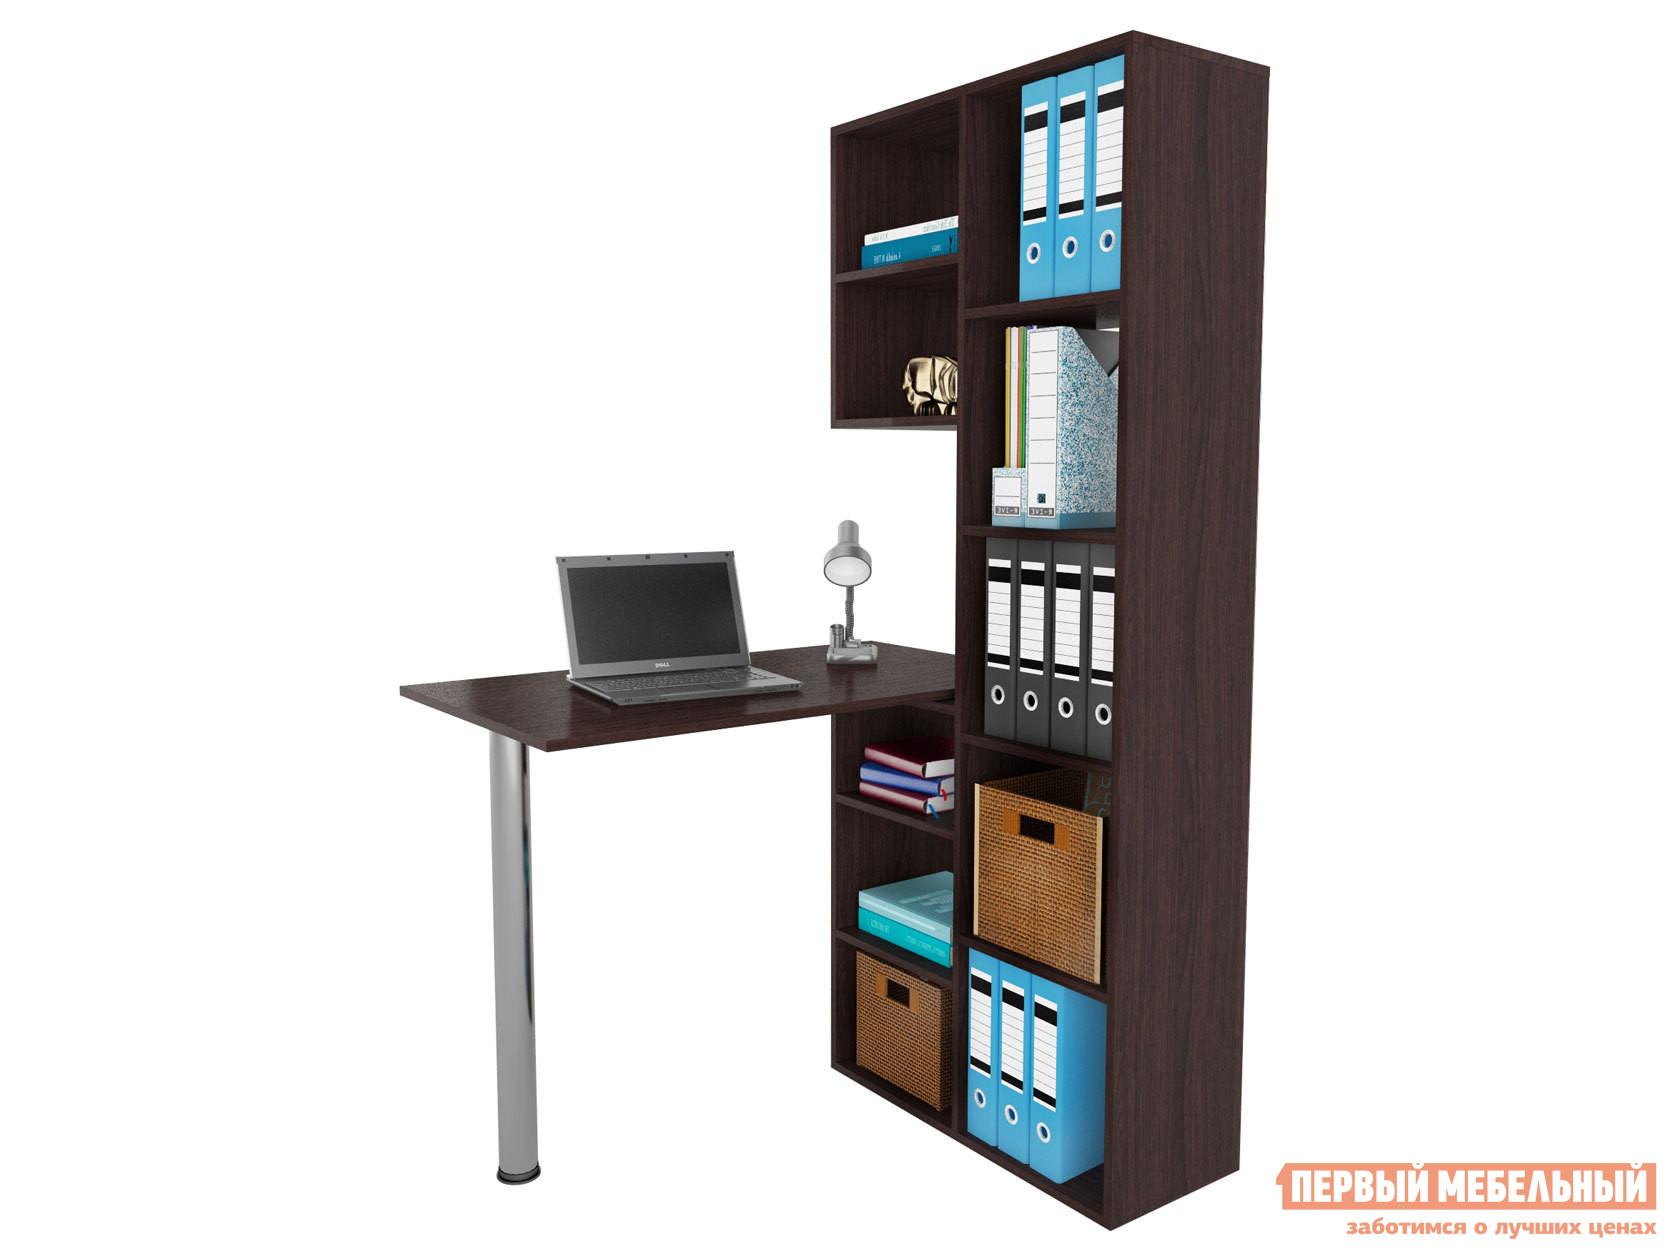 Угловой компьютерный стол МФ Мастер Рикс-2 + Рикс-6 компьютерный стол мф мастер корнет 2 угловой